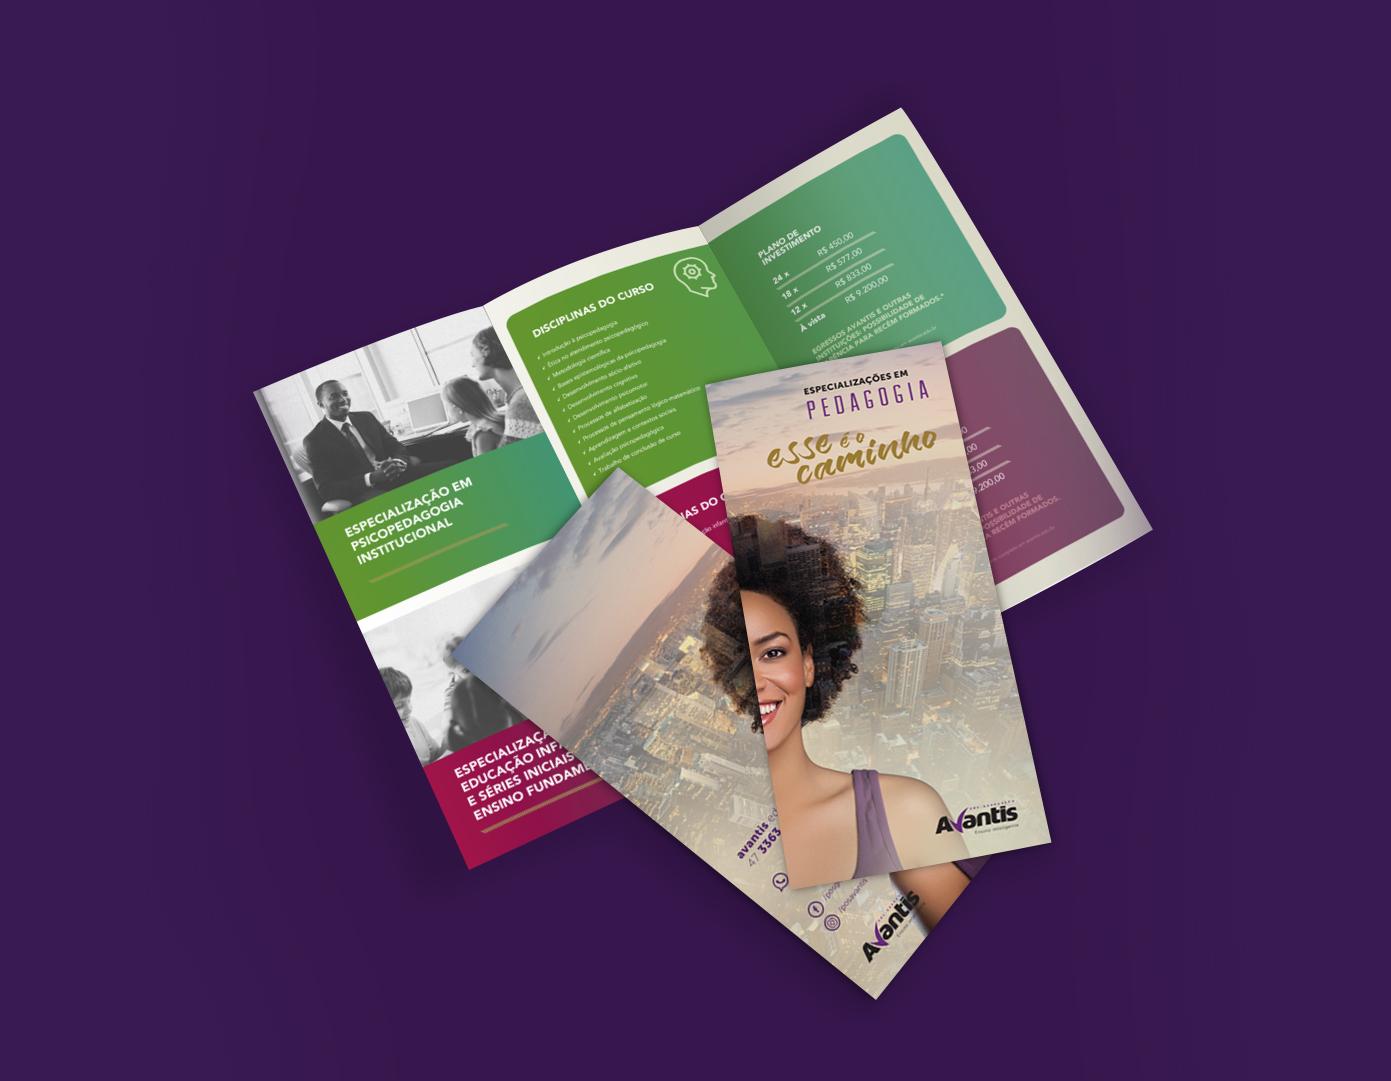 Inteligencia Marketing - Campanha Pós-Graduação Avantis 2017 - folder